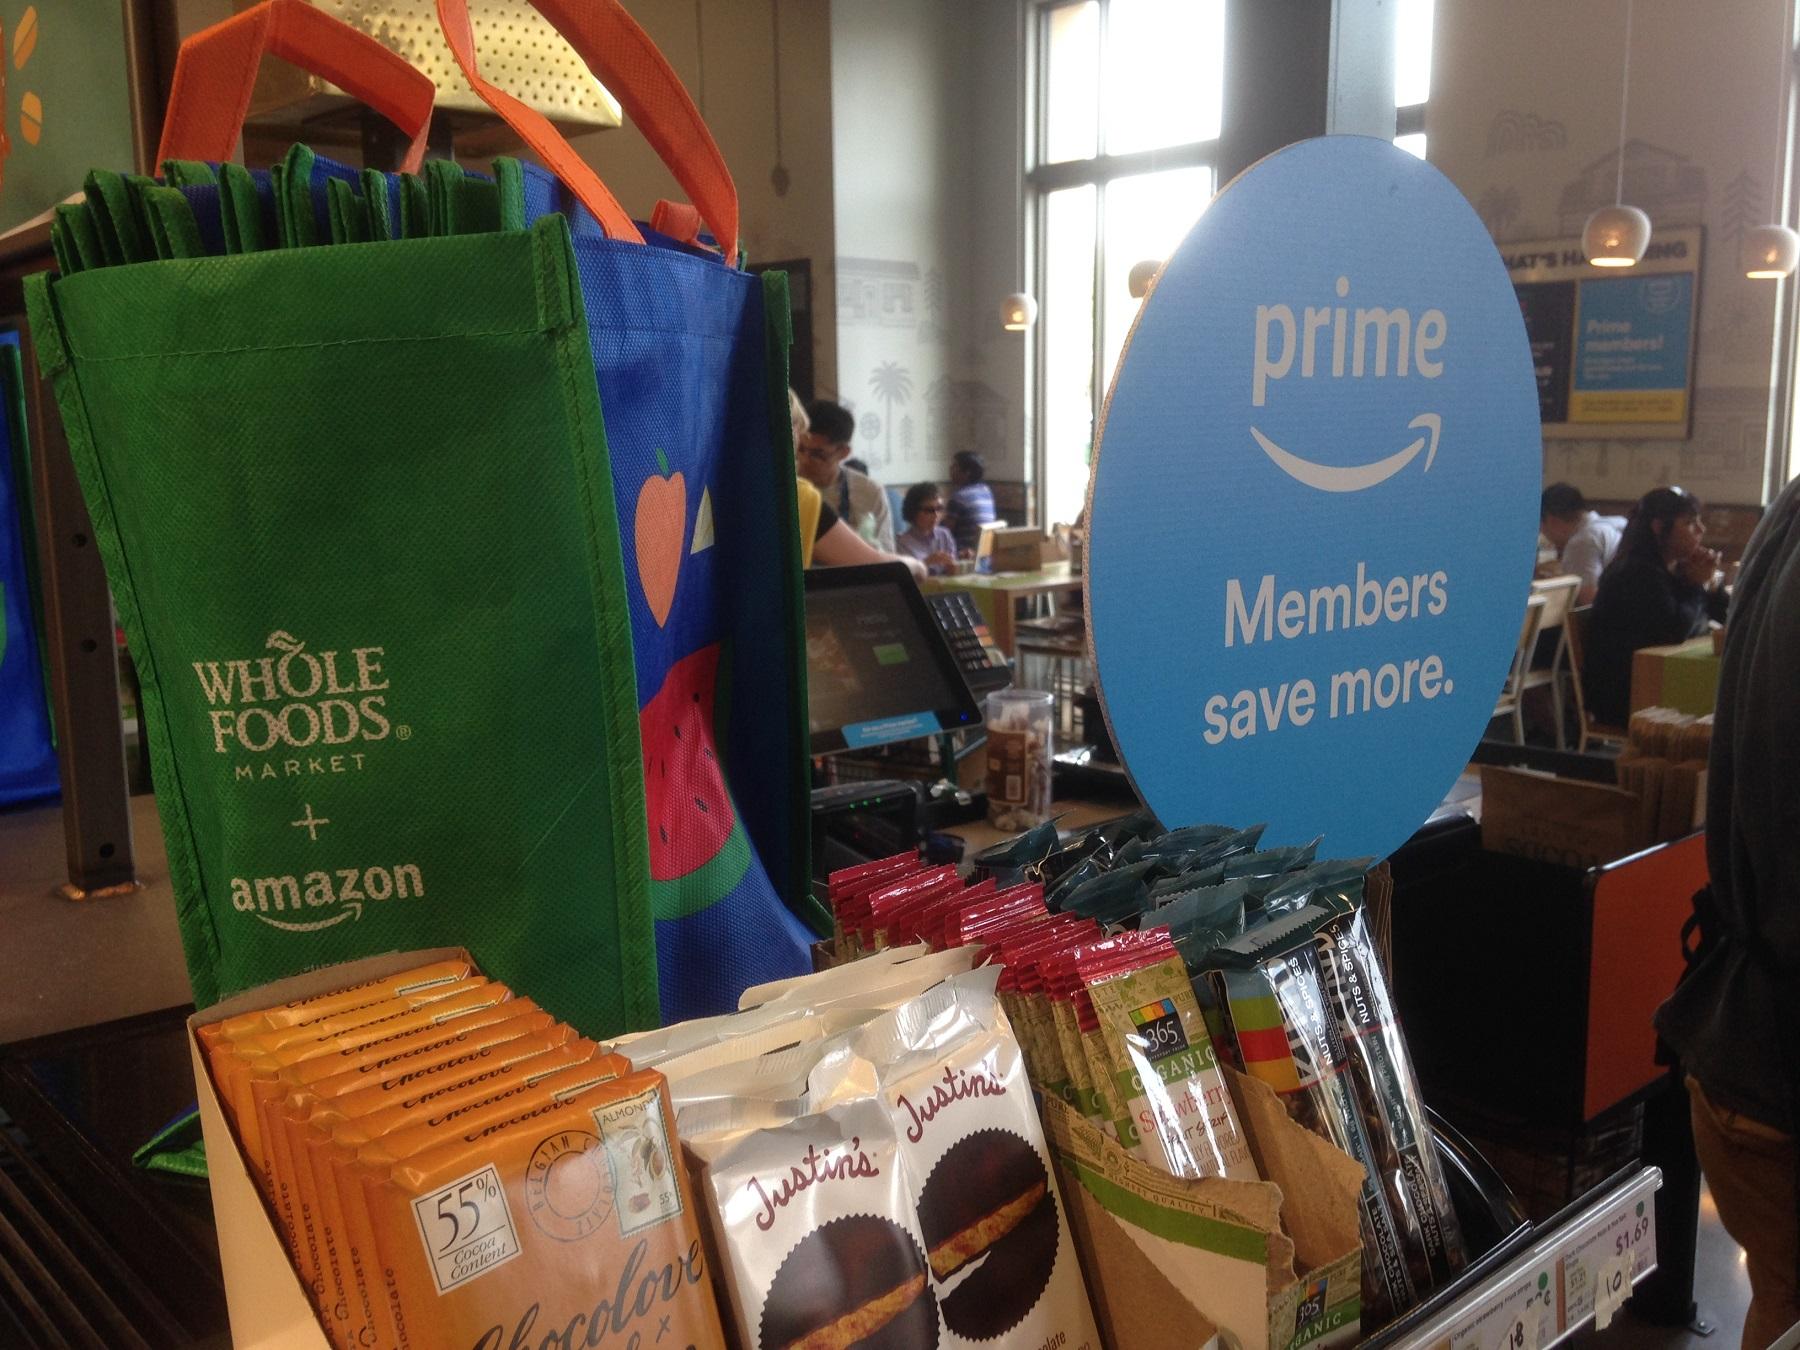 Les réductions dans les magasins Whole Foods avec Amazon Prime